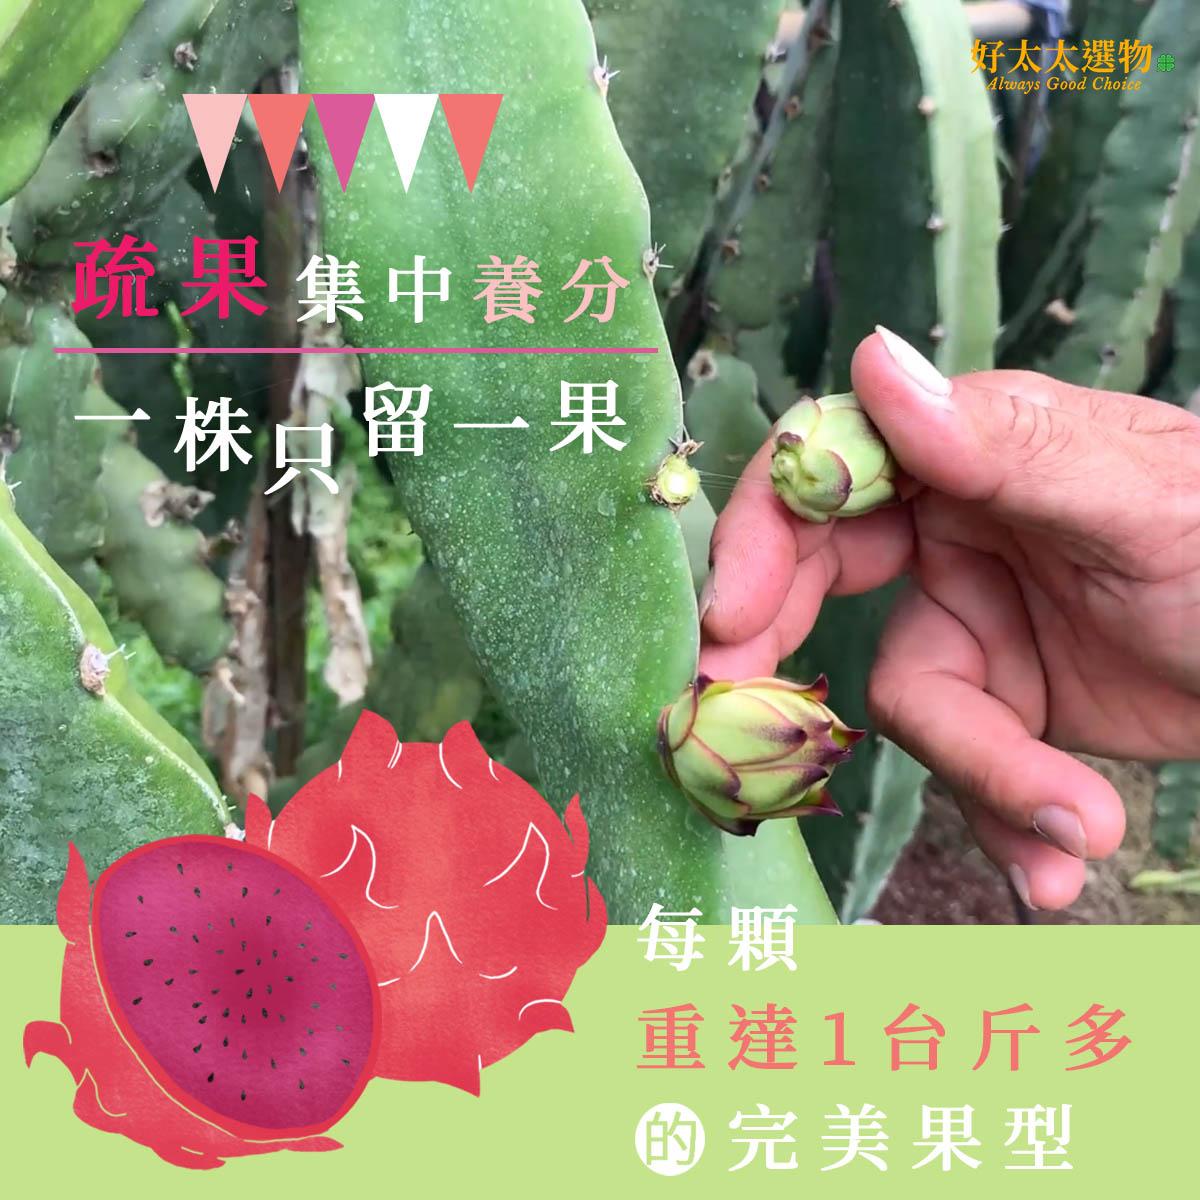 集中養分 一株只留一果 造就重達1台斤多的完美果型